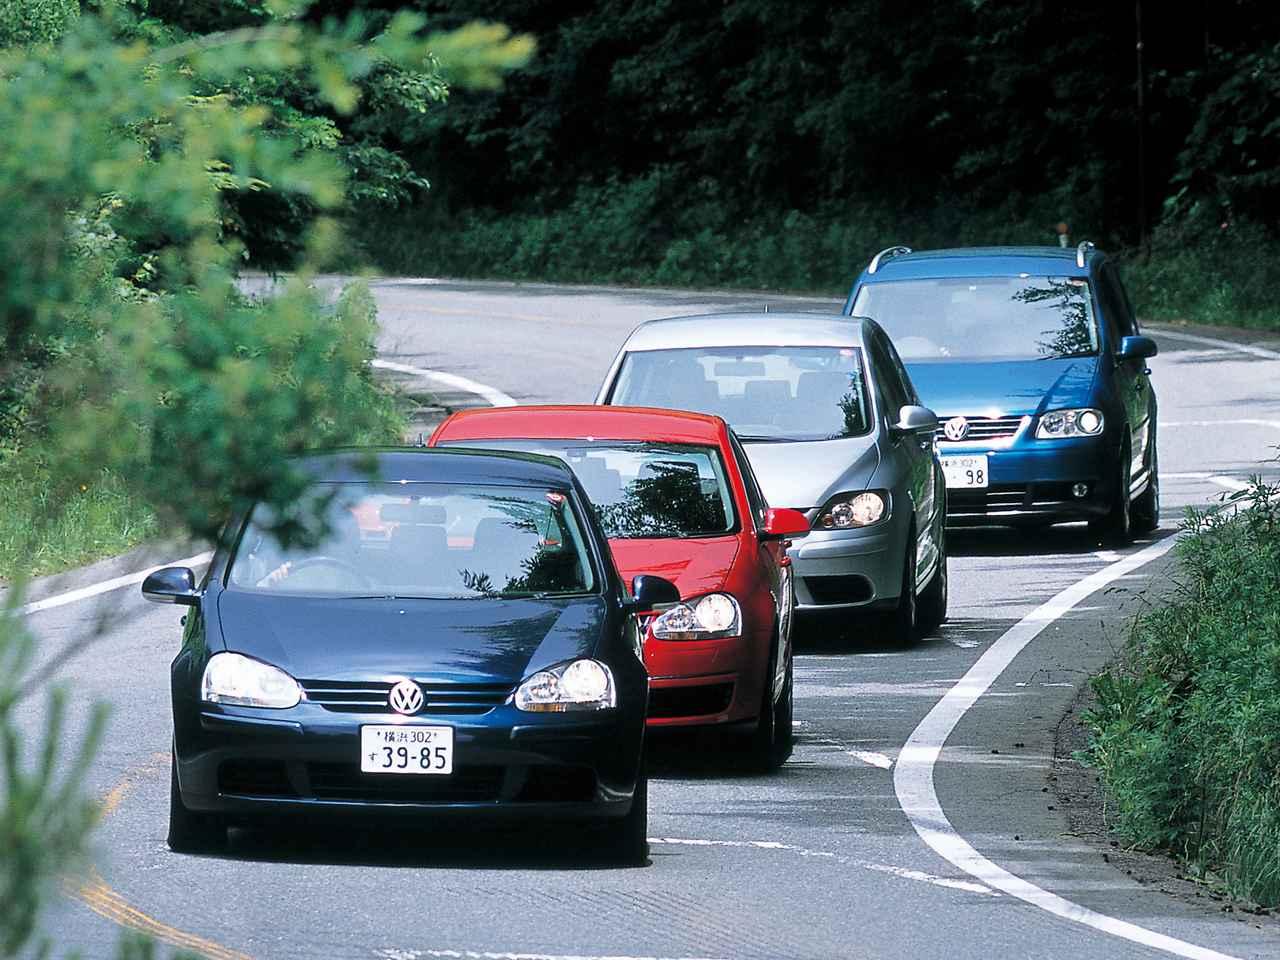 Images : 1番目の画像 - ゴルフ ゴルフプラス ジェッタ ゴルフトゥーラン - LAWRENCE - Motorcycle x Cars + α = Your Life.